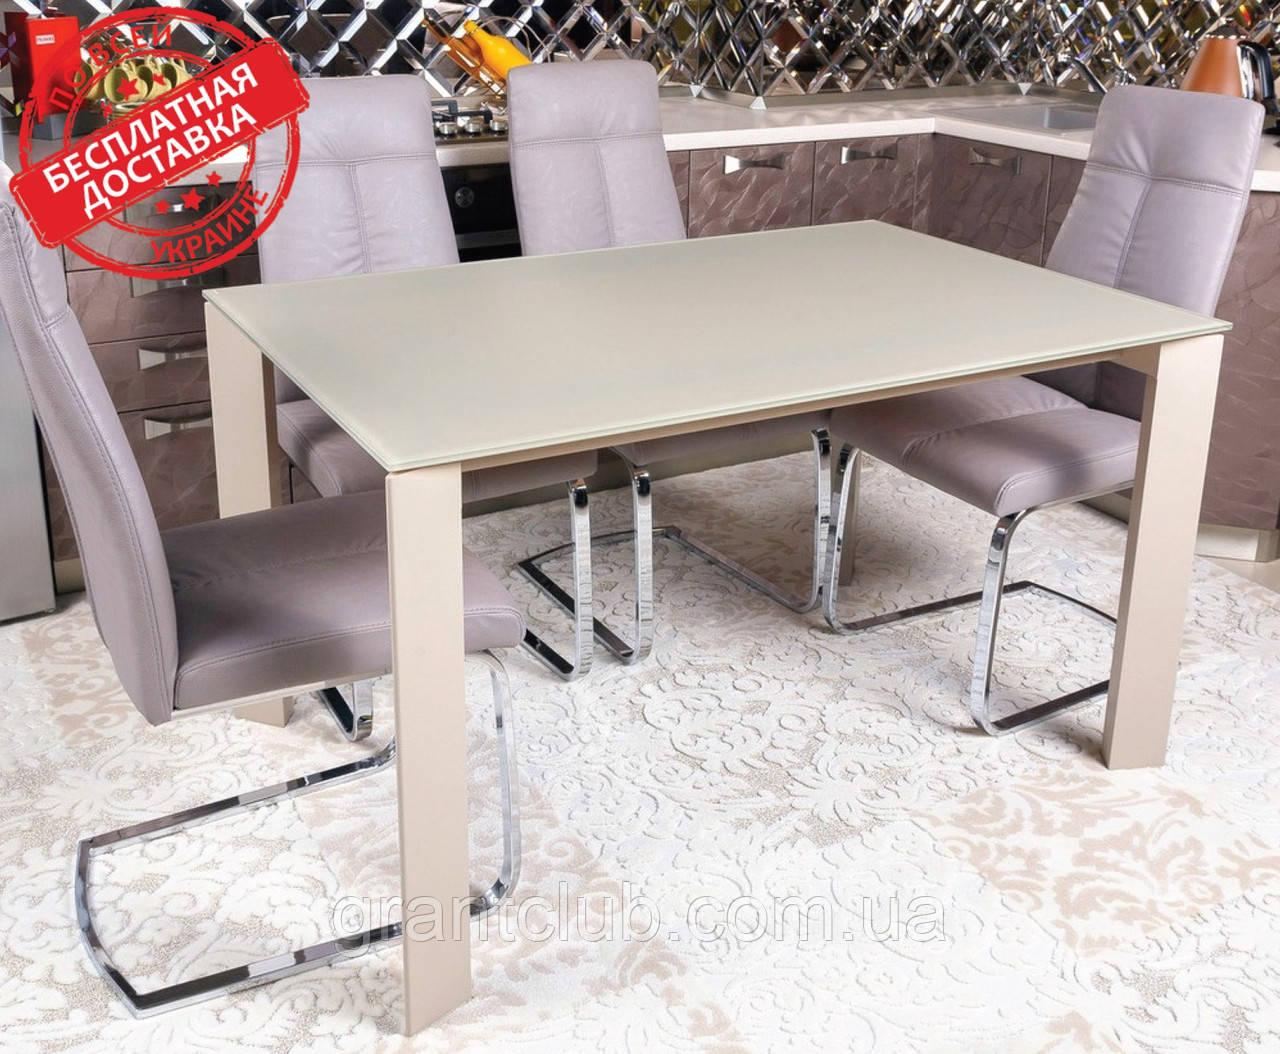 Обеденный стол BRISTOL B 130/200*85 капучино Nicolas (бесплатная доставка)